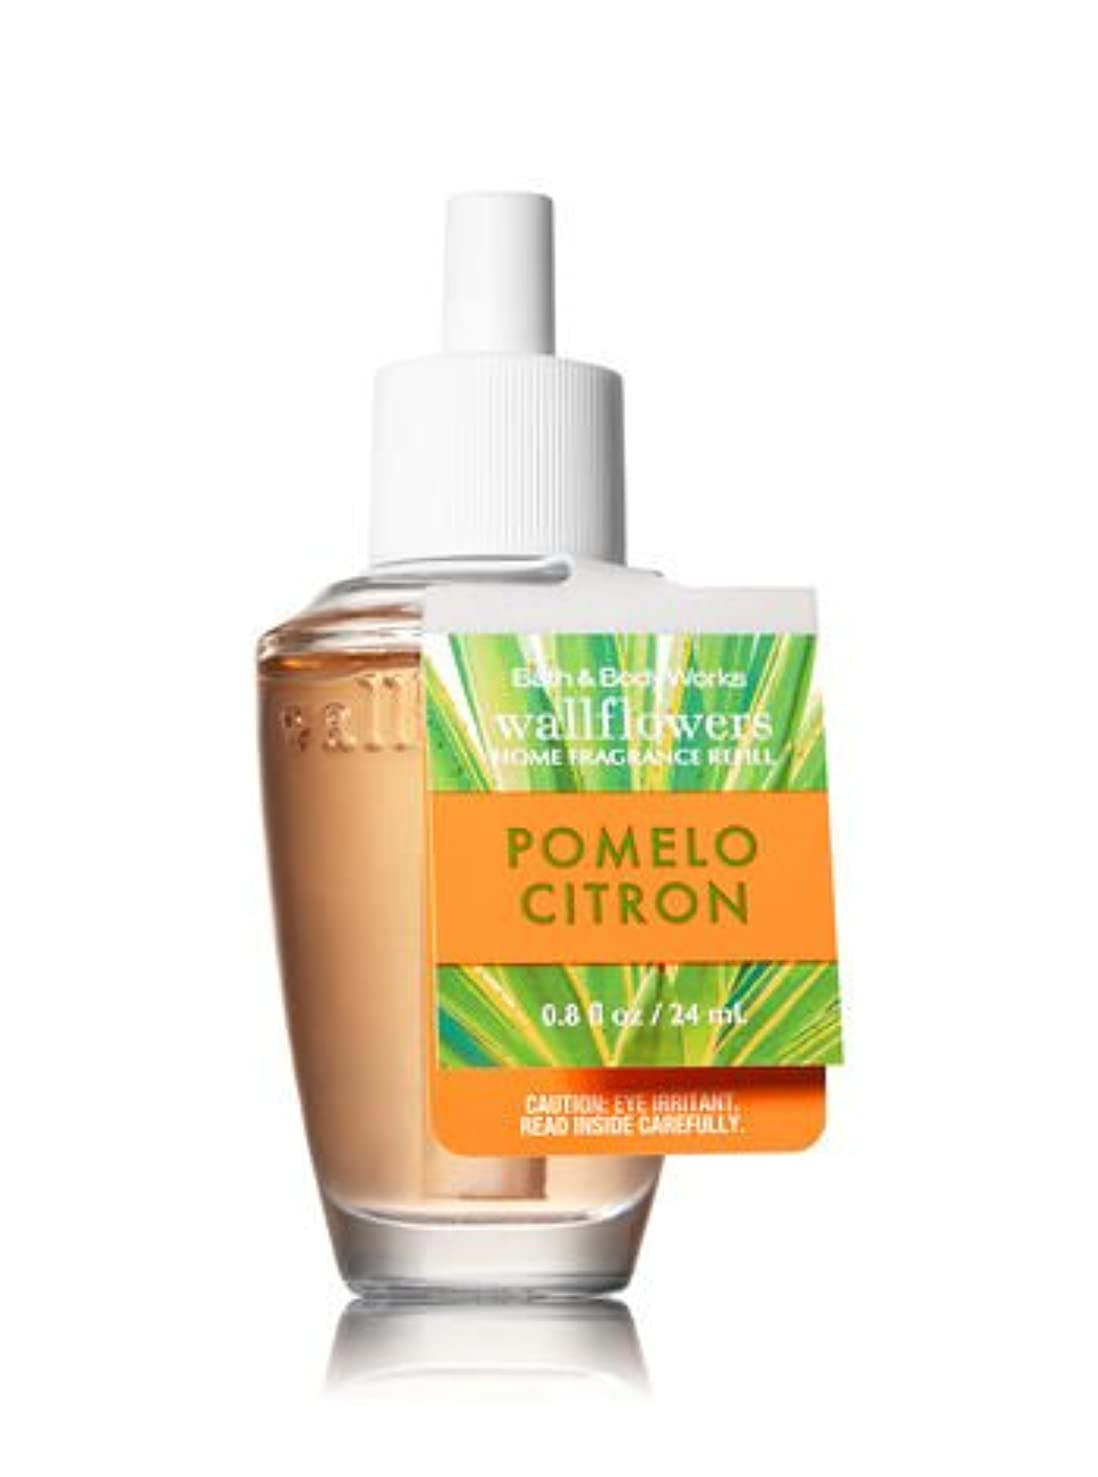 論争の的不利不良【Bath&Body Works/バス&ボディワークス】 ルームフレグランス 詰替えリフィル ポメロシトロン Wallflowers Home Fragrance Refill Pomelo Citron [並行輸入品]